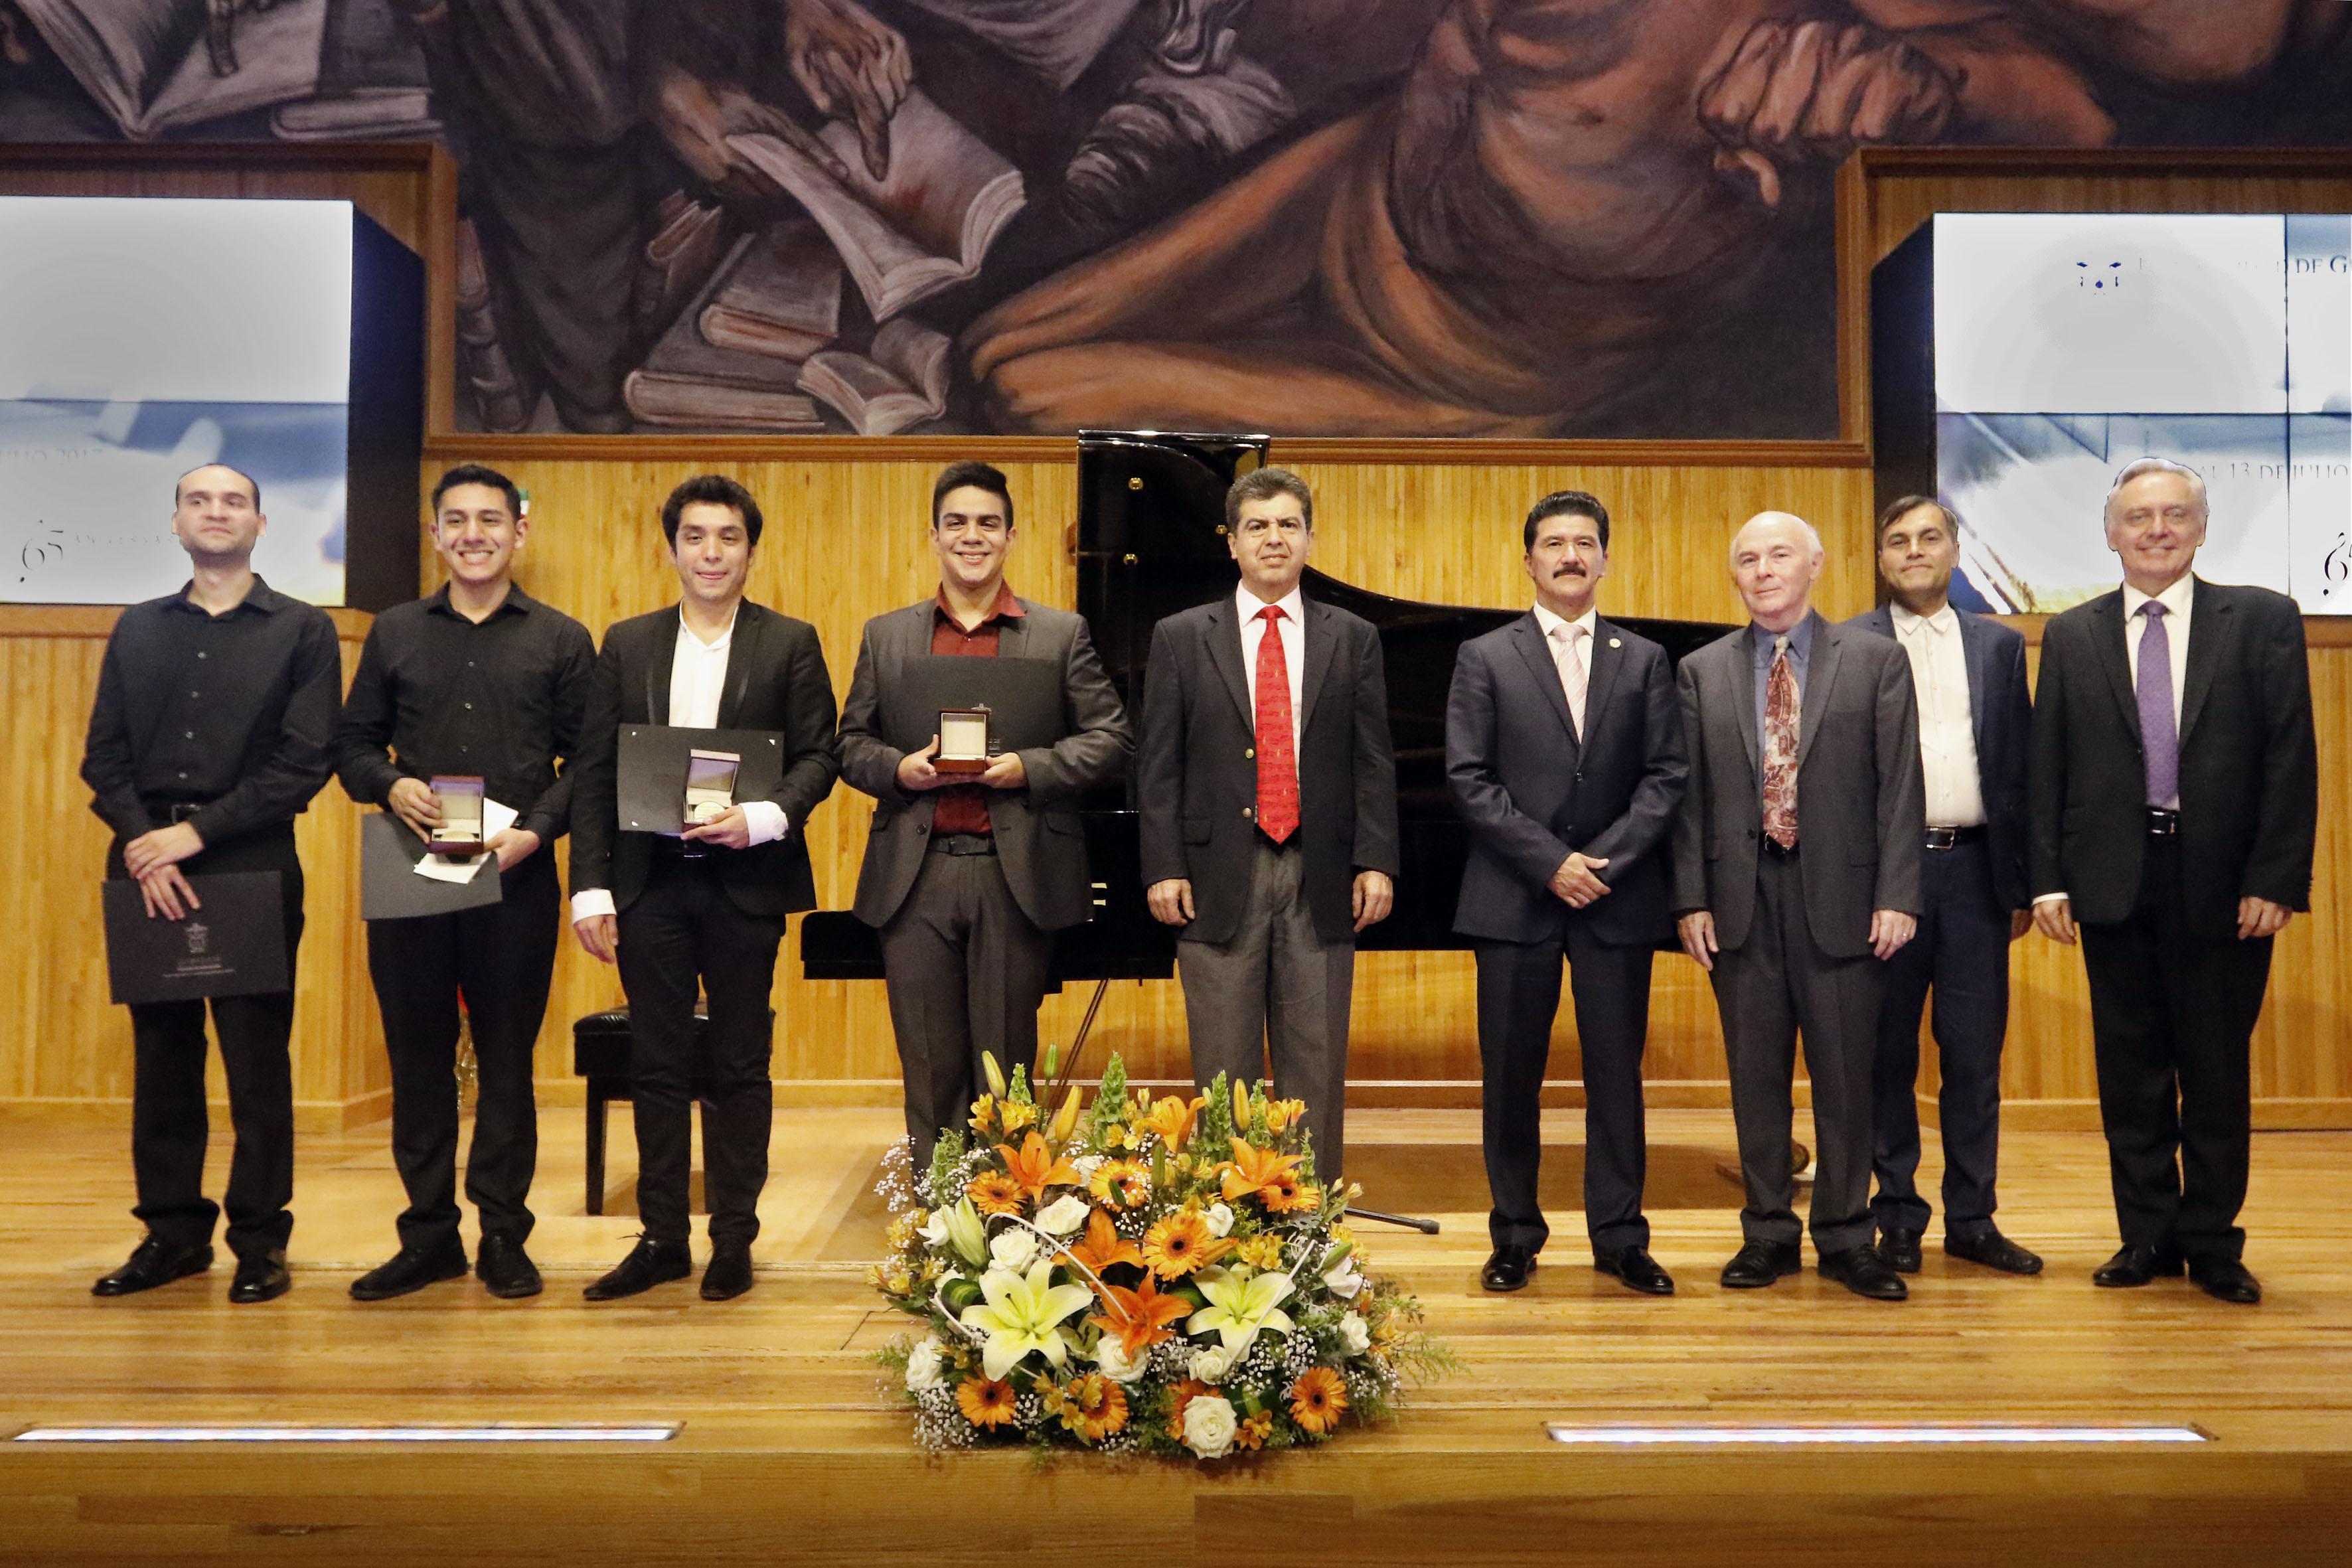 Ceremonia de premiación para jóvenes ganadores del segundo Concurso Nacional de Piano, de la Universidad de Guadalajara.